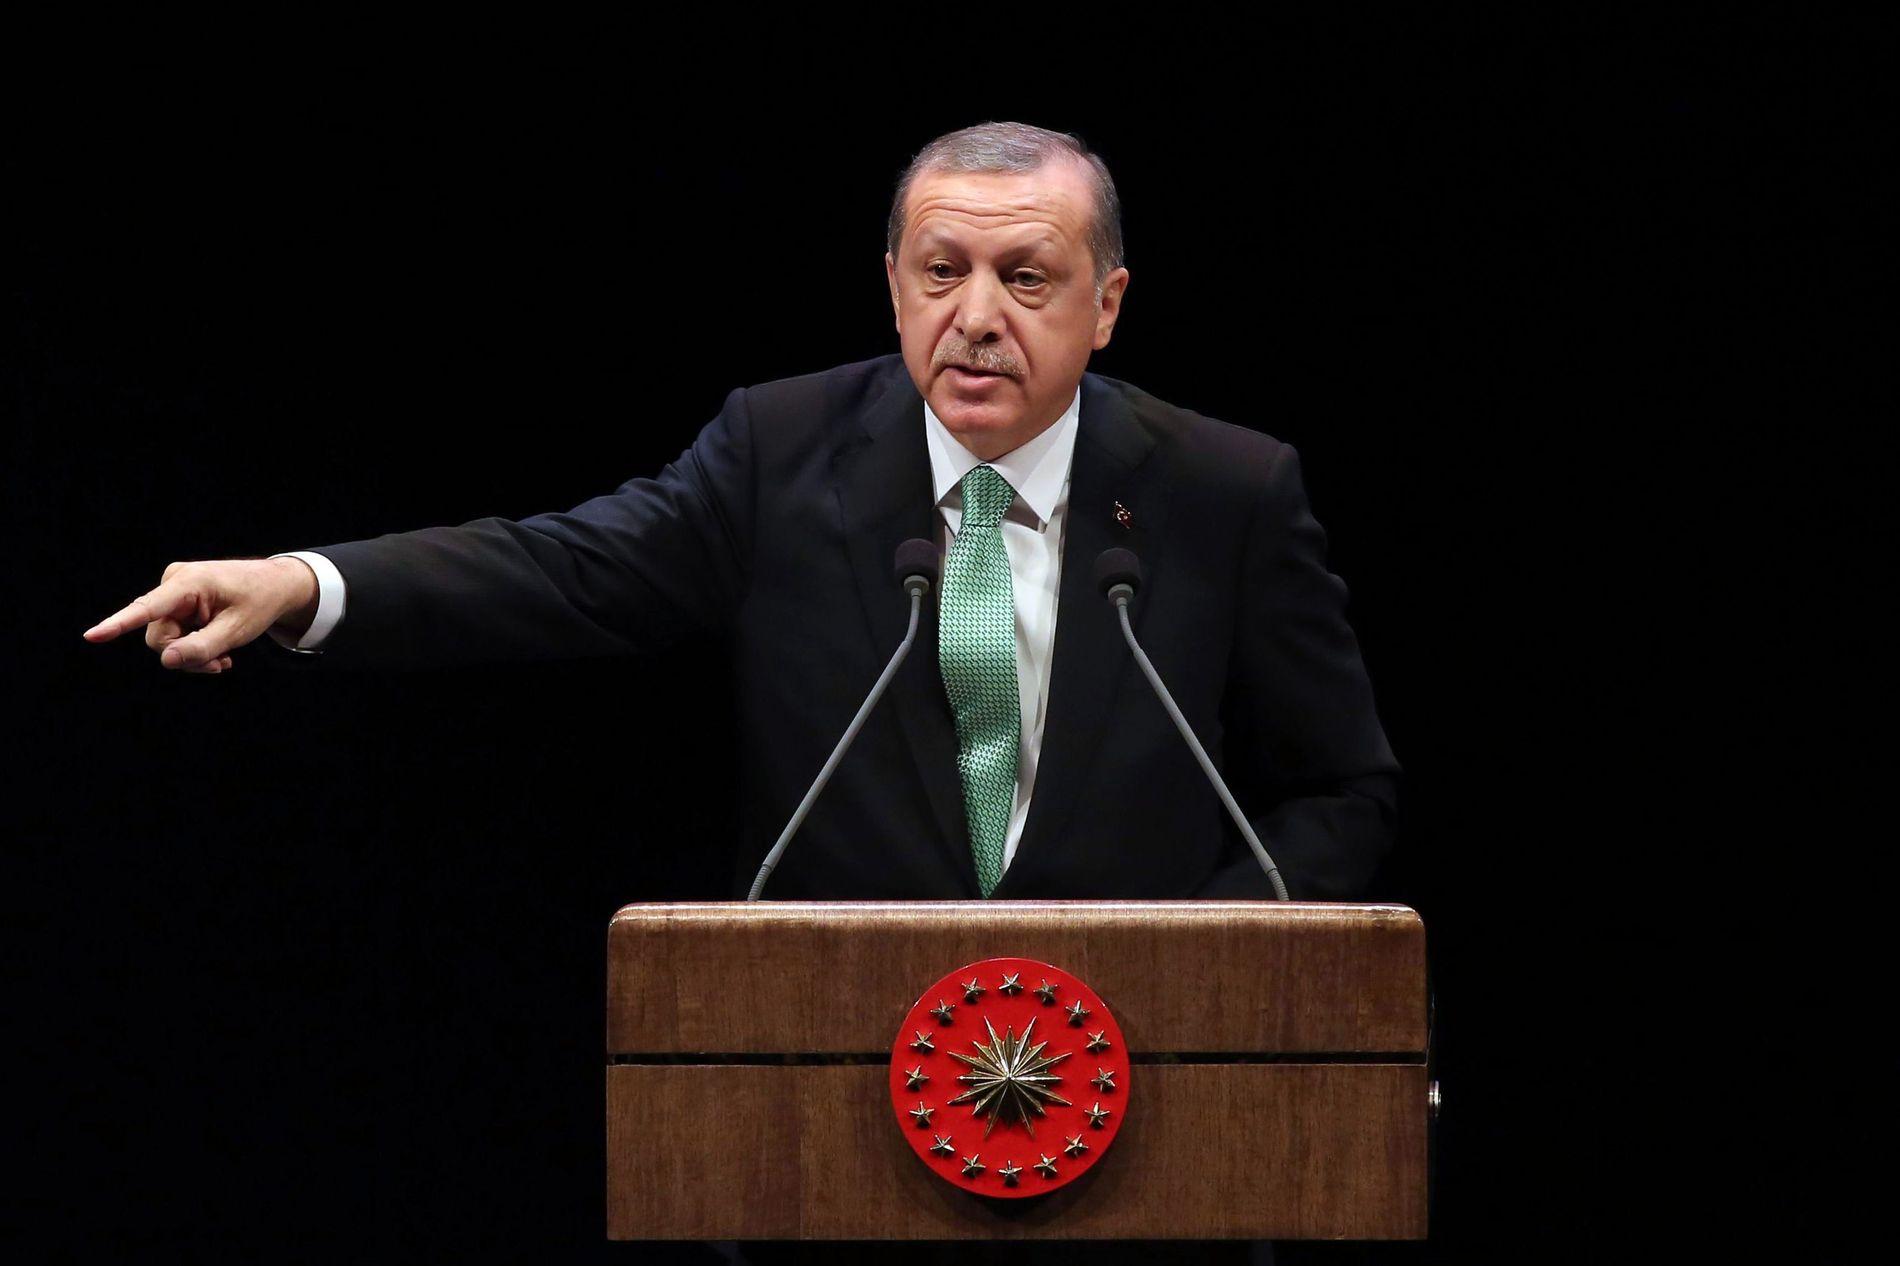 STÅR PÅ SITT: Tyrkias president Recep Tayyip Erdogan slår tilbake mot kritikken, og sier han ikke bryr seg om hva han kalles i Vesten, så lenge hans egne støtter ham. Her fra en tale i forrige uke.